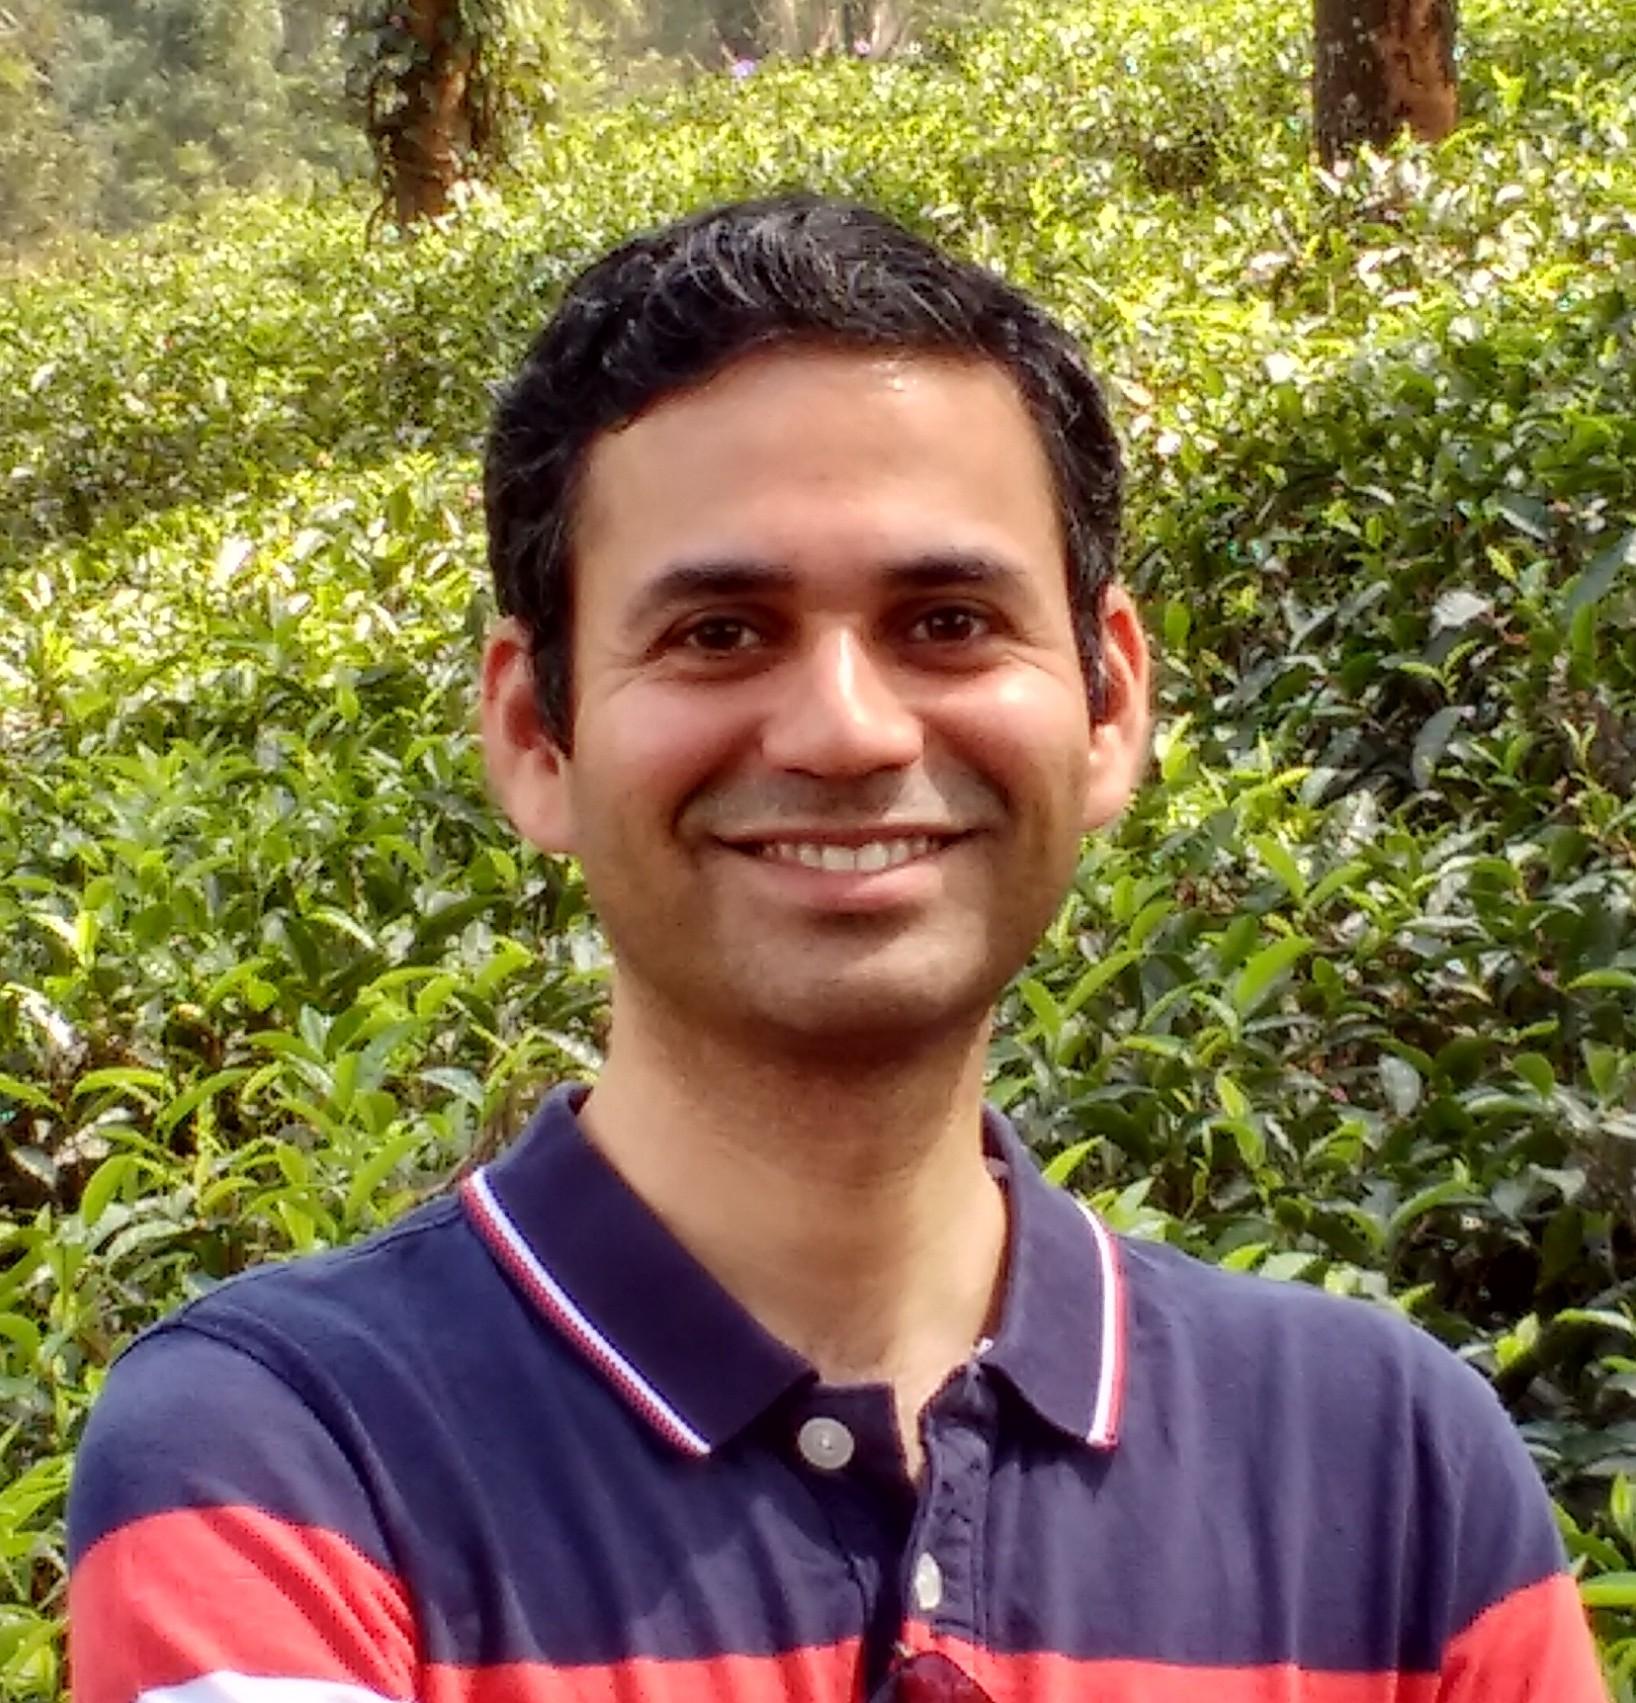 Dr. Kameswararao Anupindi